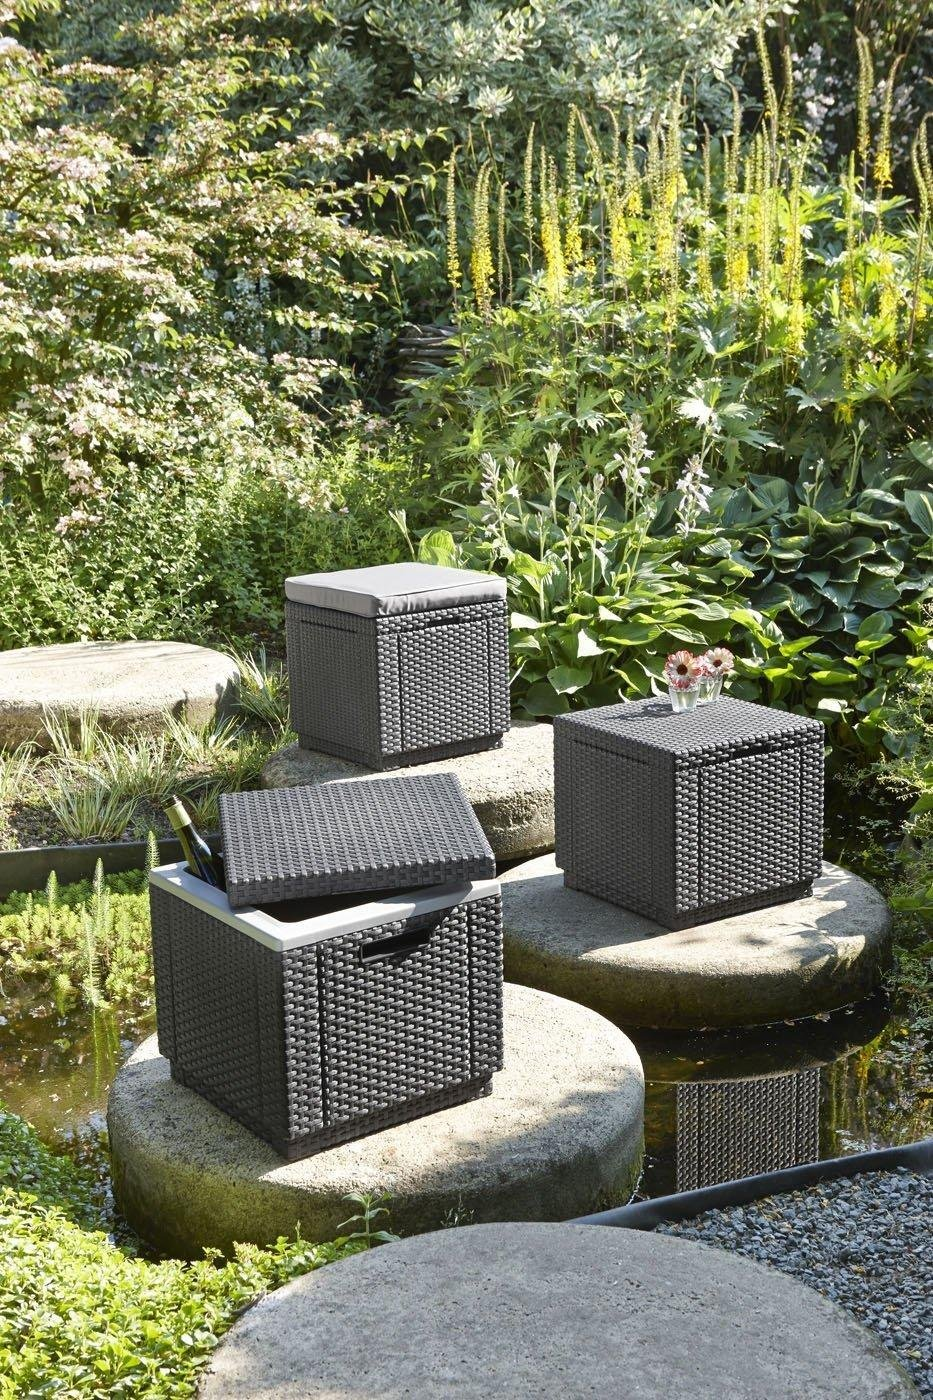 Keter rattan ice cooler bucket box outdoor garden for Outdoor furniture amazon